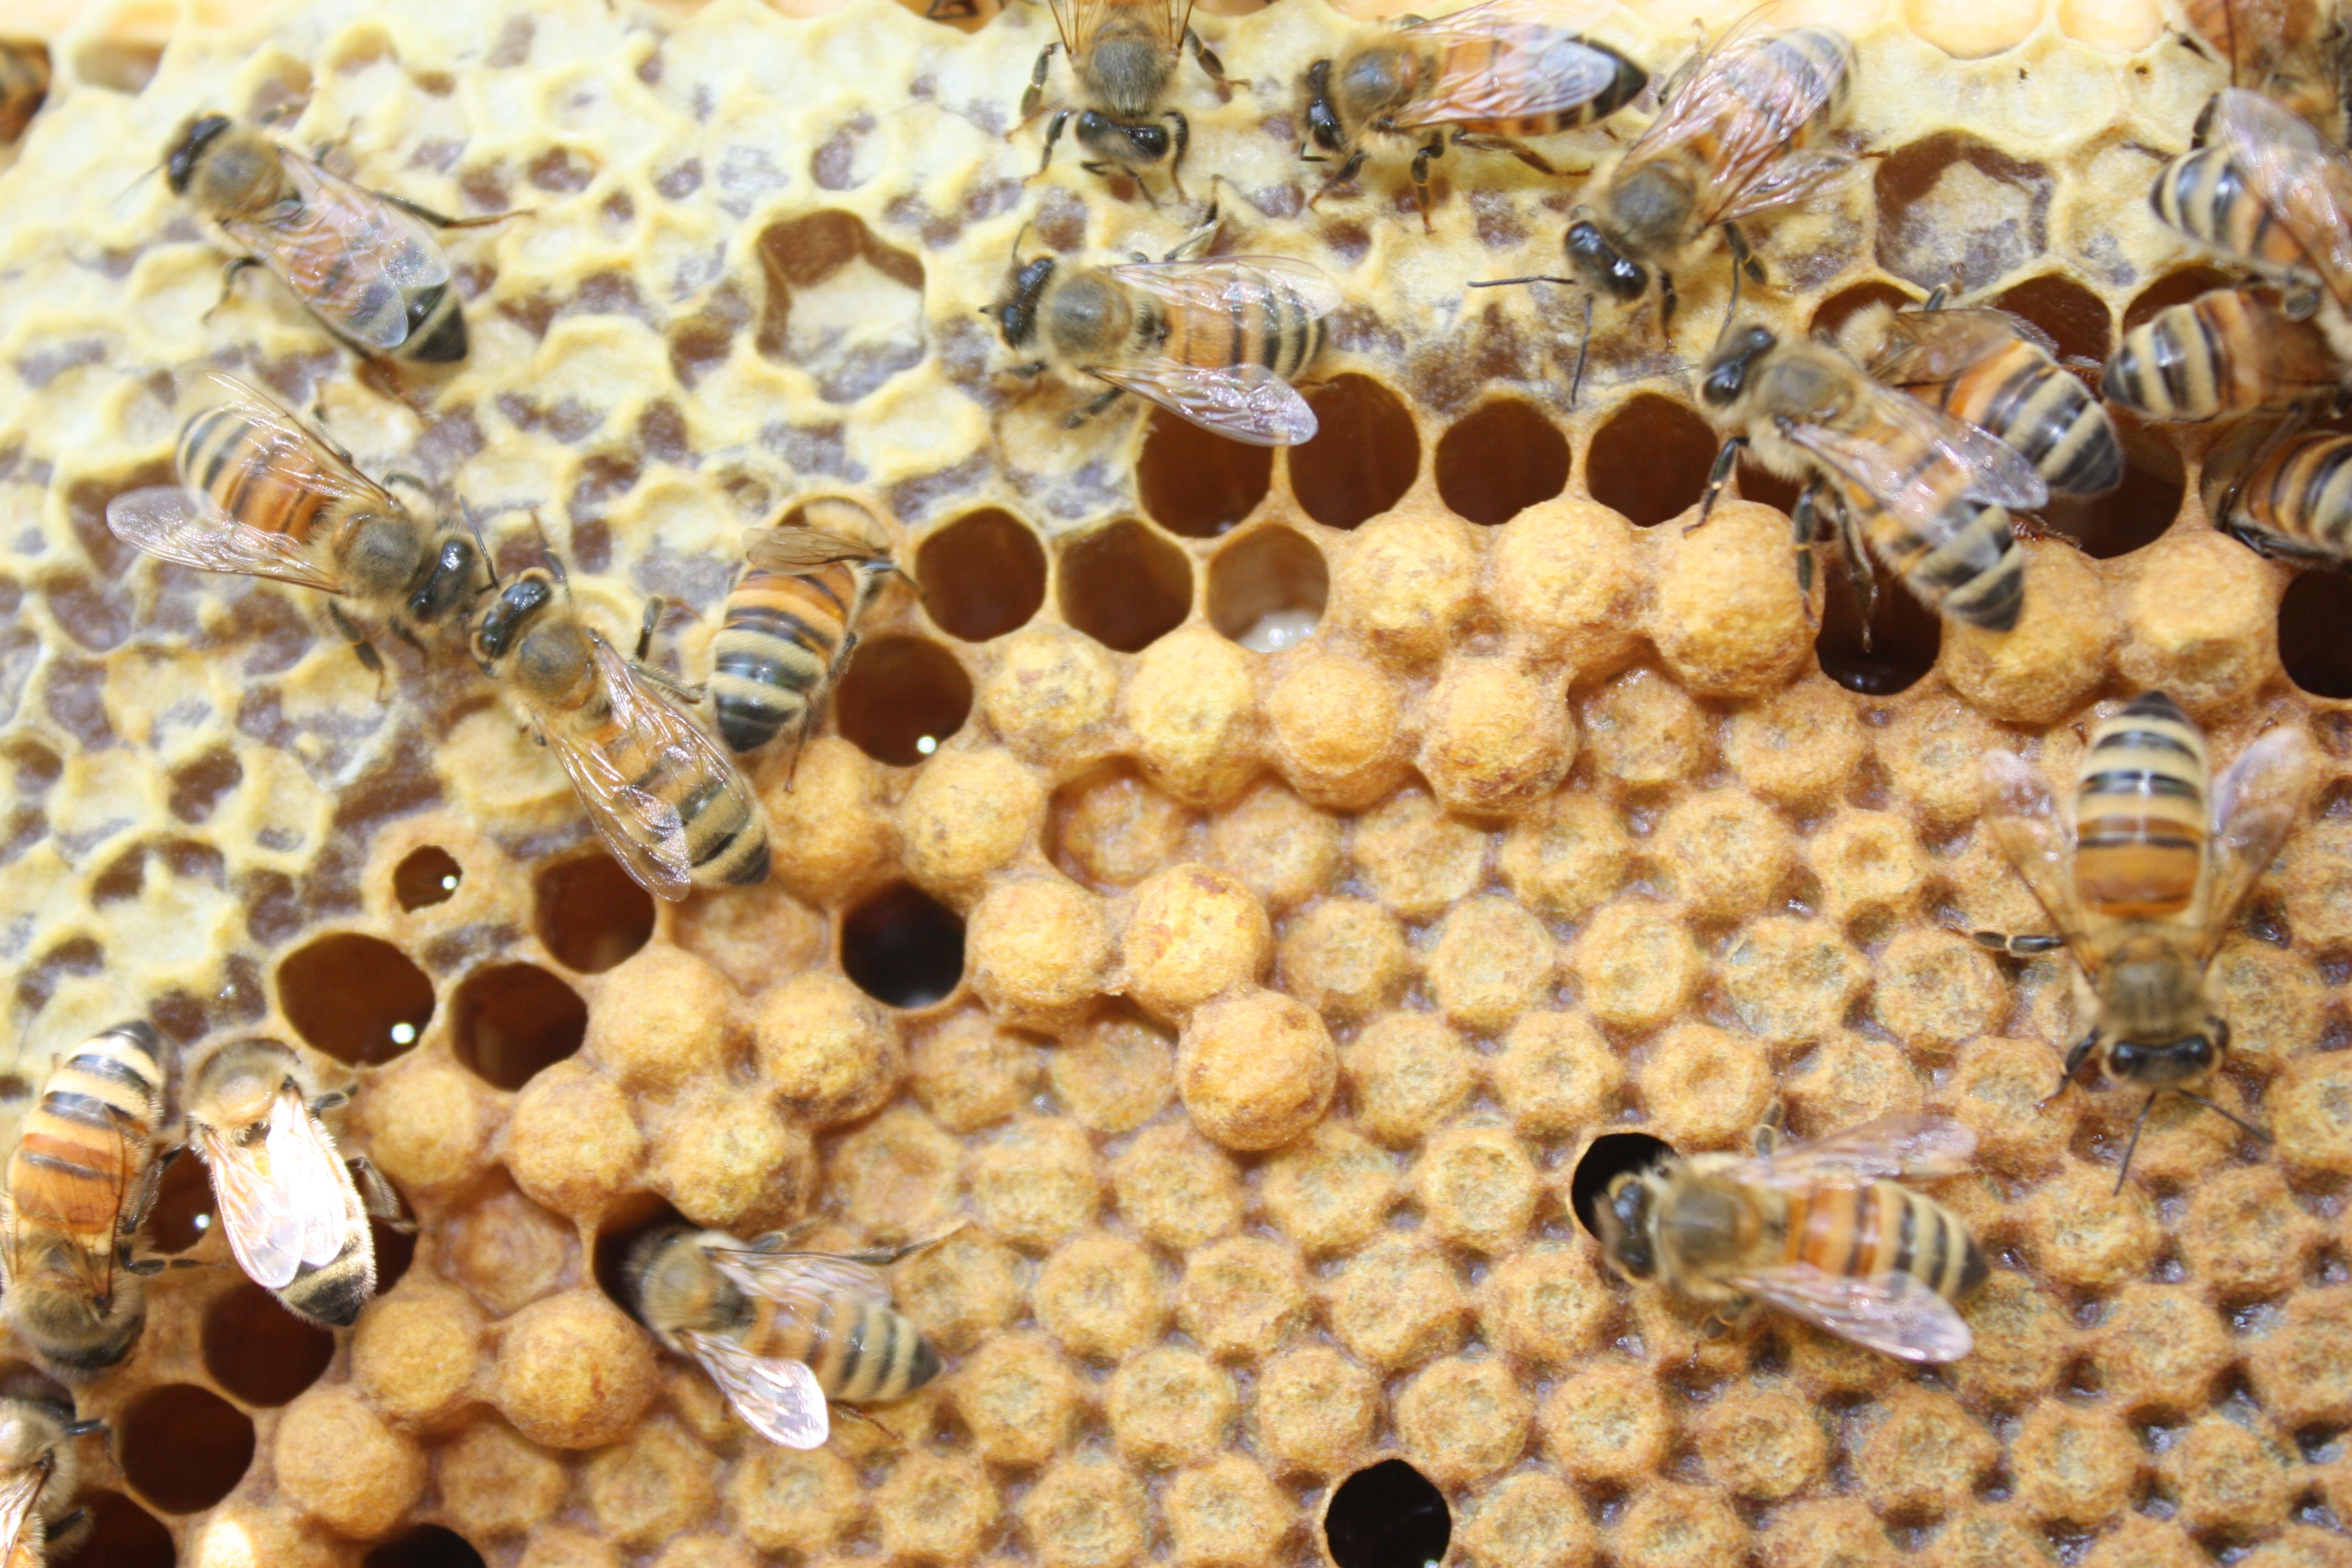 honey pollen brood